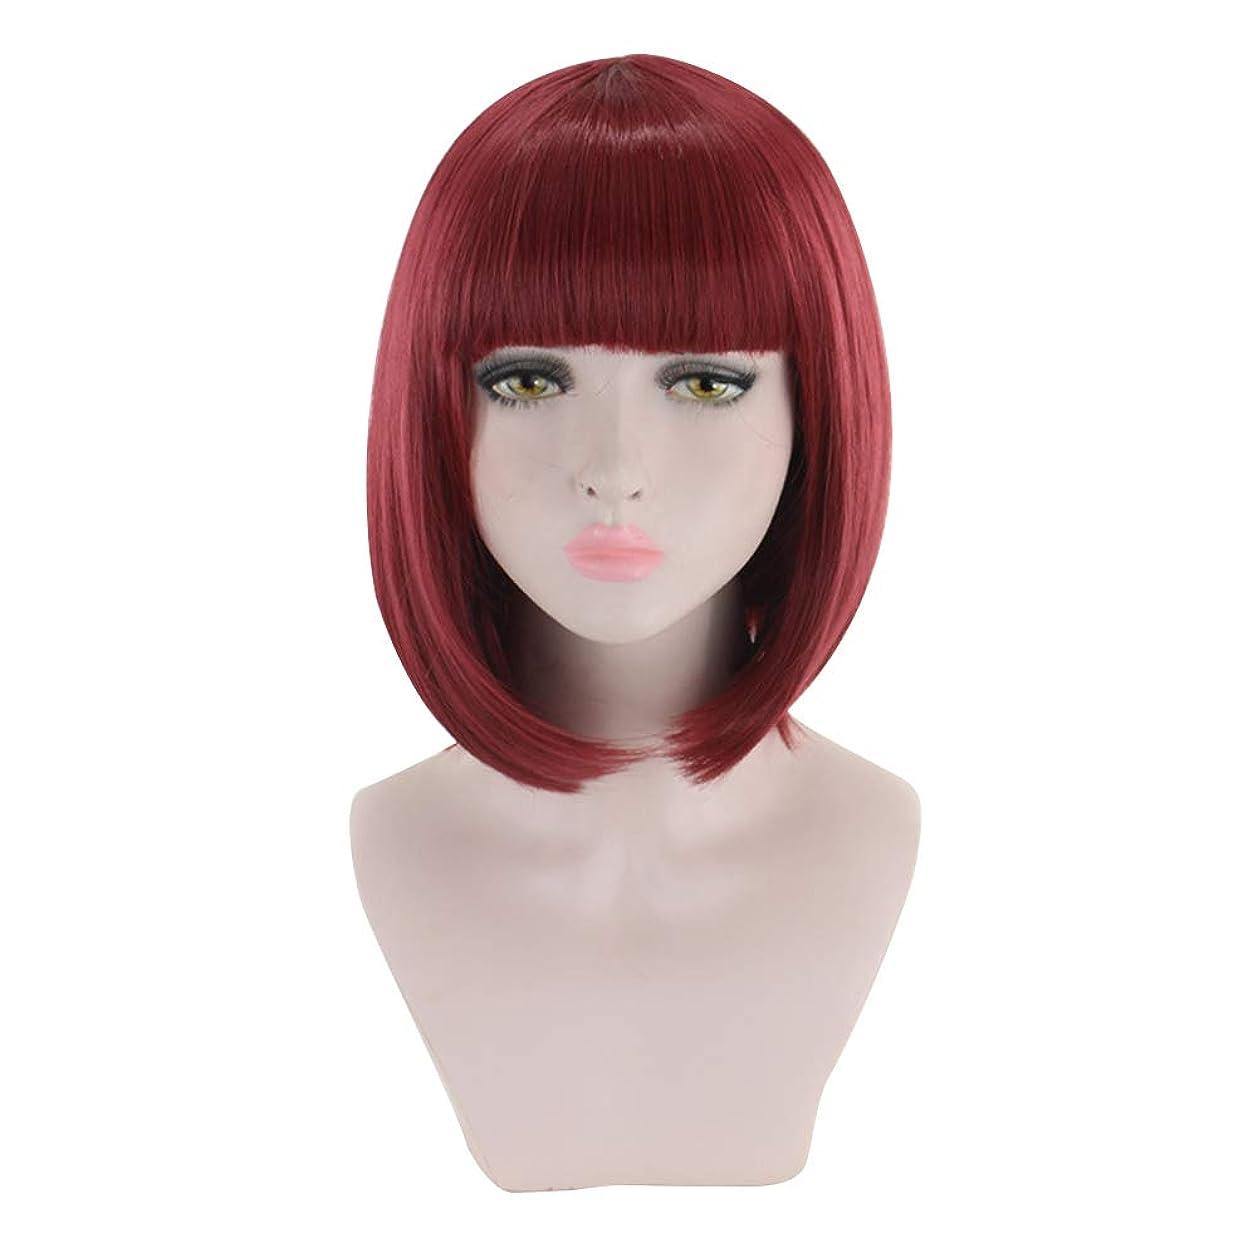 すべき適応する続けるHOHYLLYA 11.8インチハロウィーンパーティーショート前髪なし高温繊維毛髪のかつらファッションかつら (色 : ワインレッド)